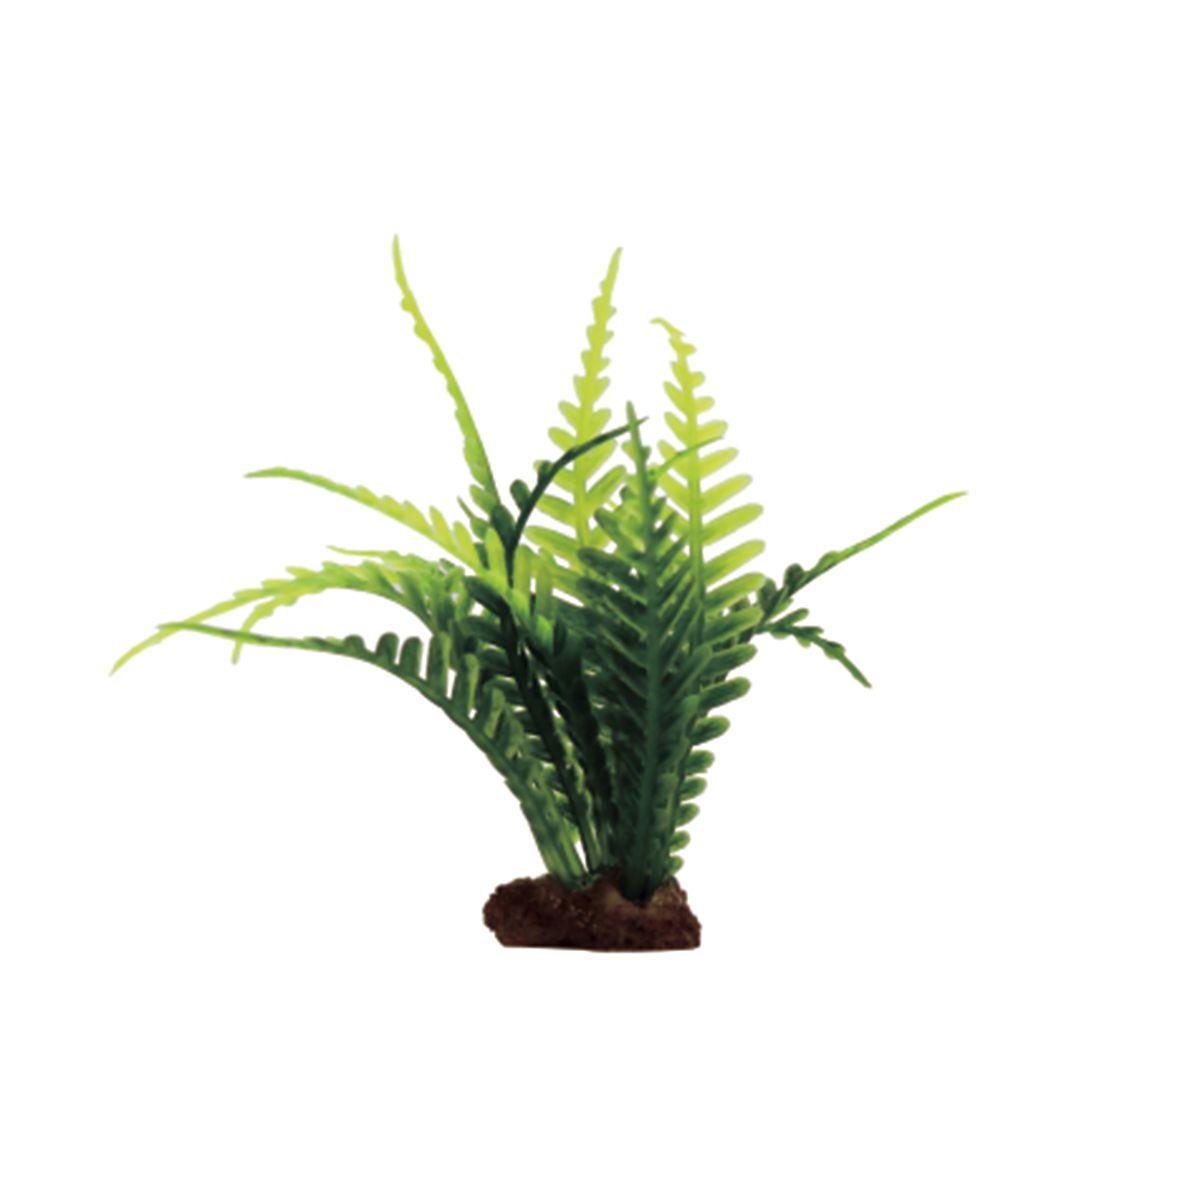 Растение для аквариума ArtUniq Папоротник, высота 10 см, 6 штART-1170505Растение для аквариума ArtUniq Папоротник, высота 10 см, 6 шт